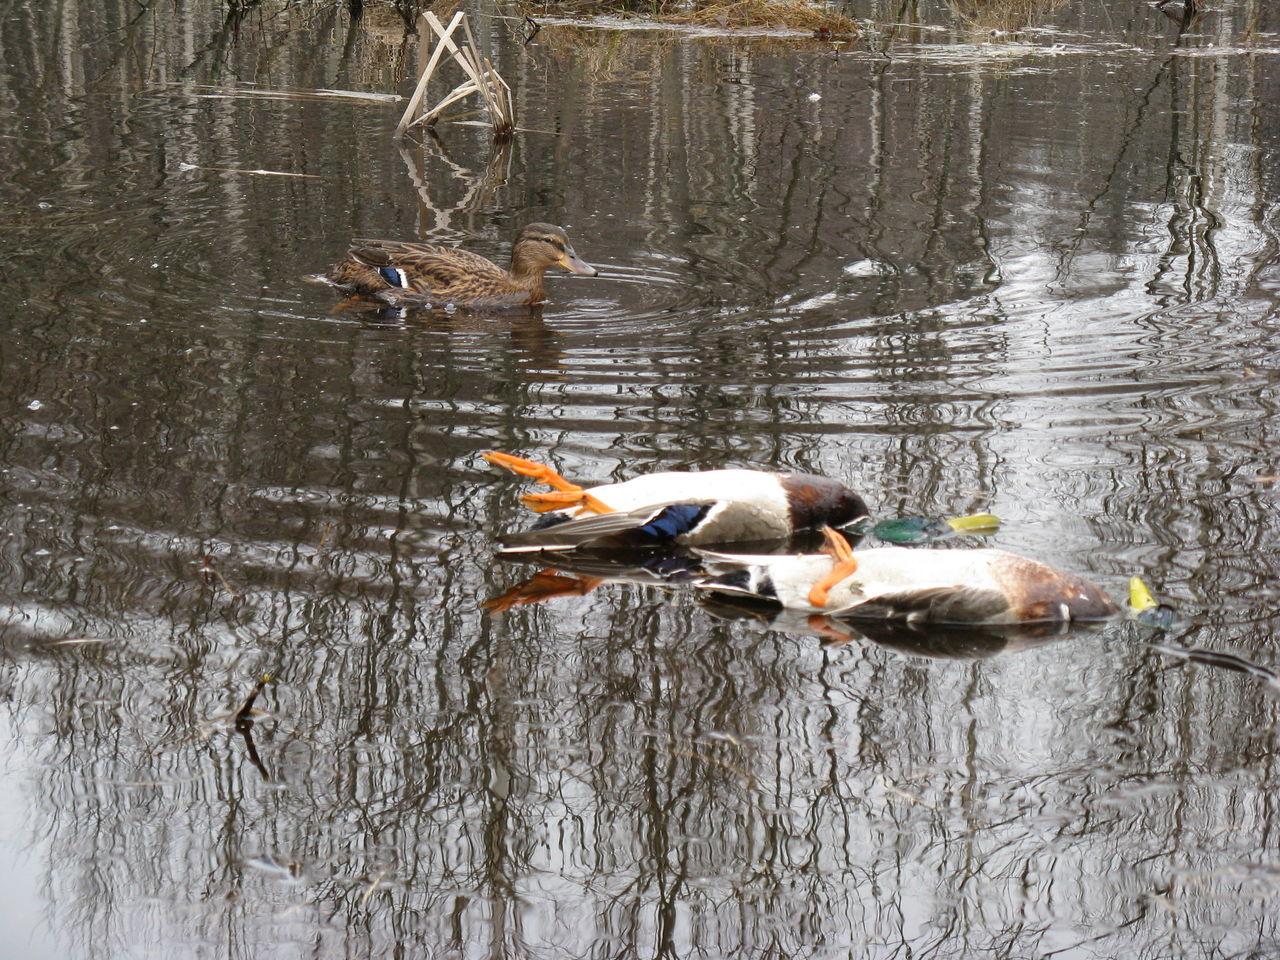 Выбор подсадной утки для весенней охоты. Какая порода лучше?